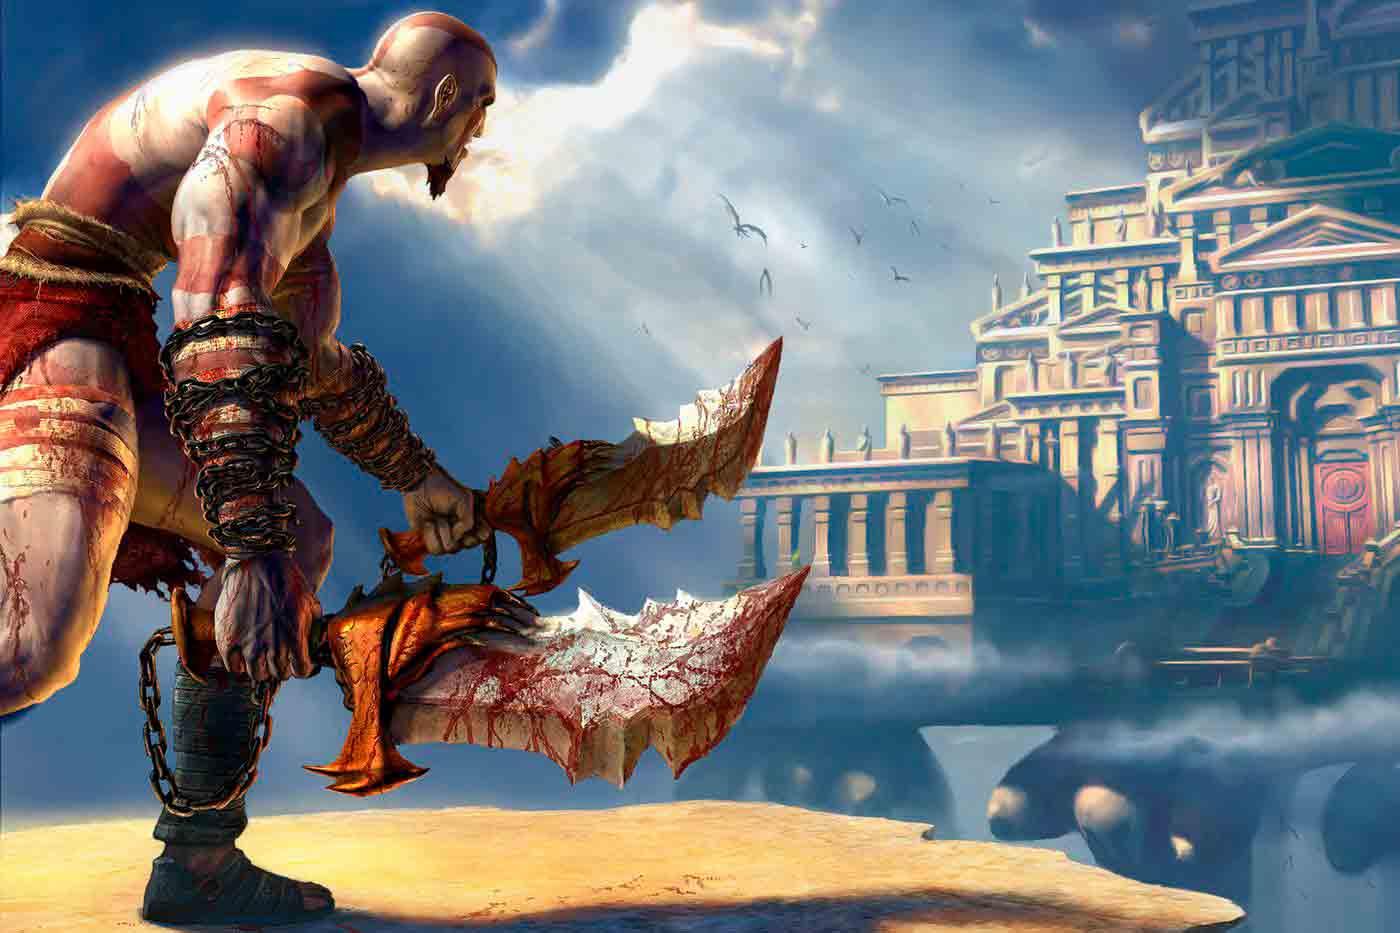 La cruel historia de Kratos, God of War